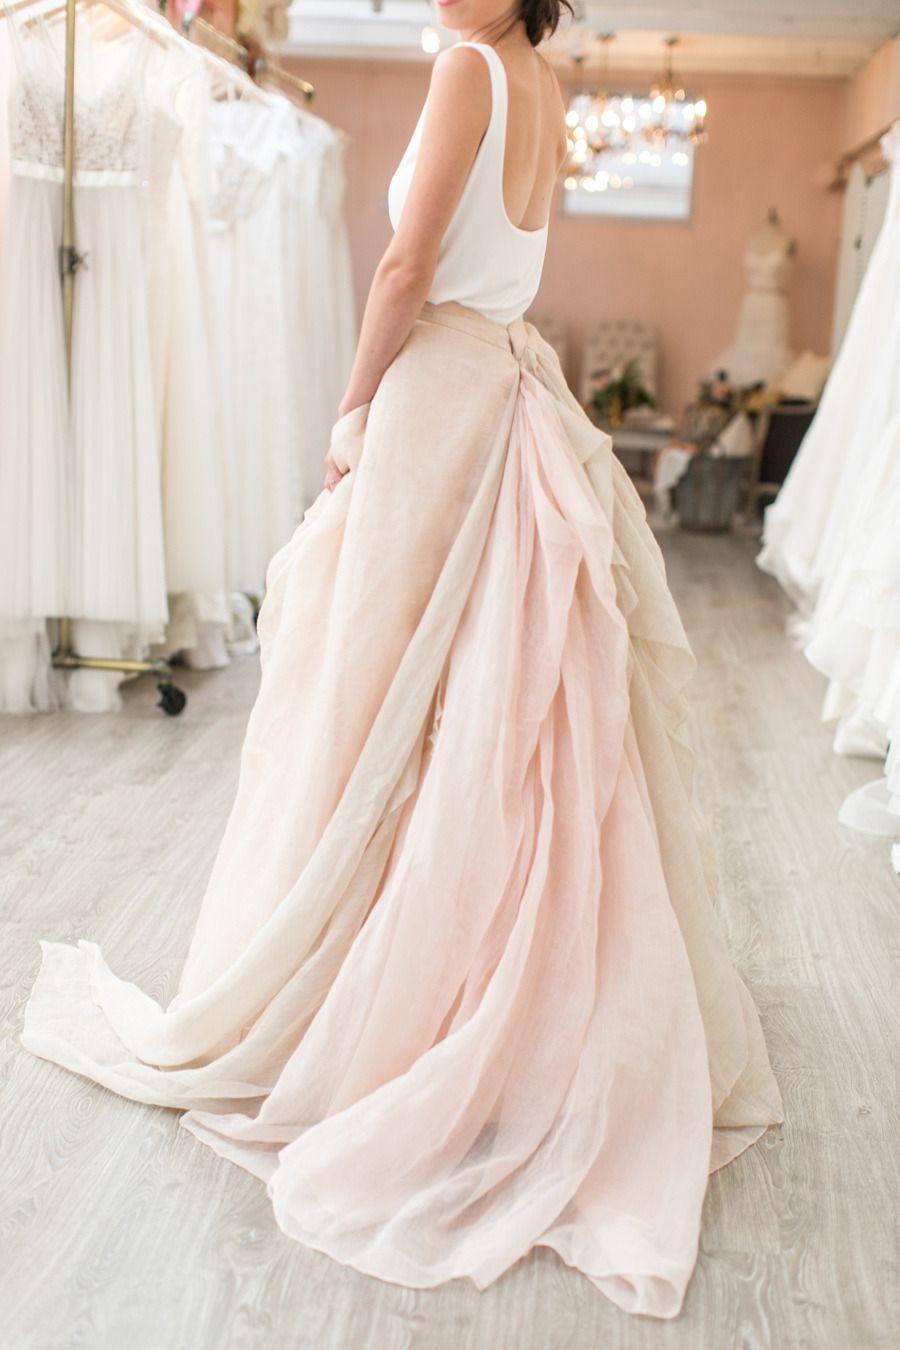 8 Tips For Finding the Perfect Wedding Dress | Vestiditos, Novios y ...